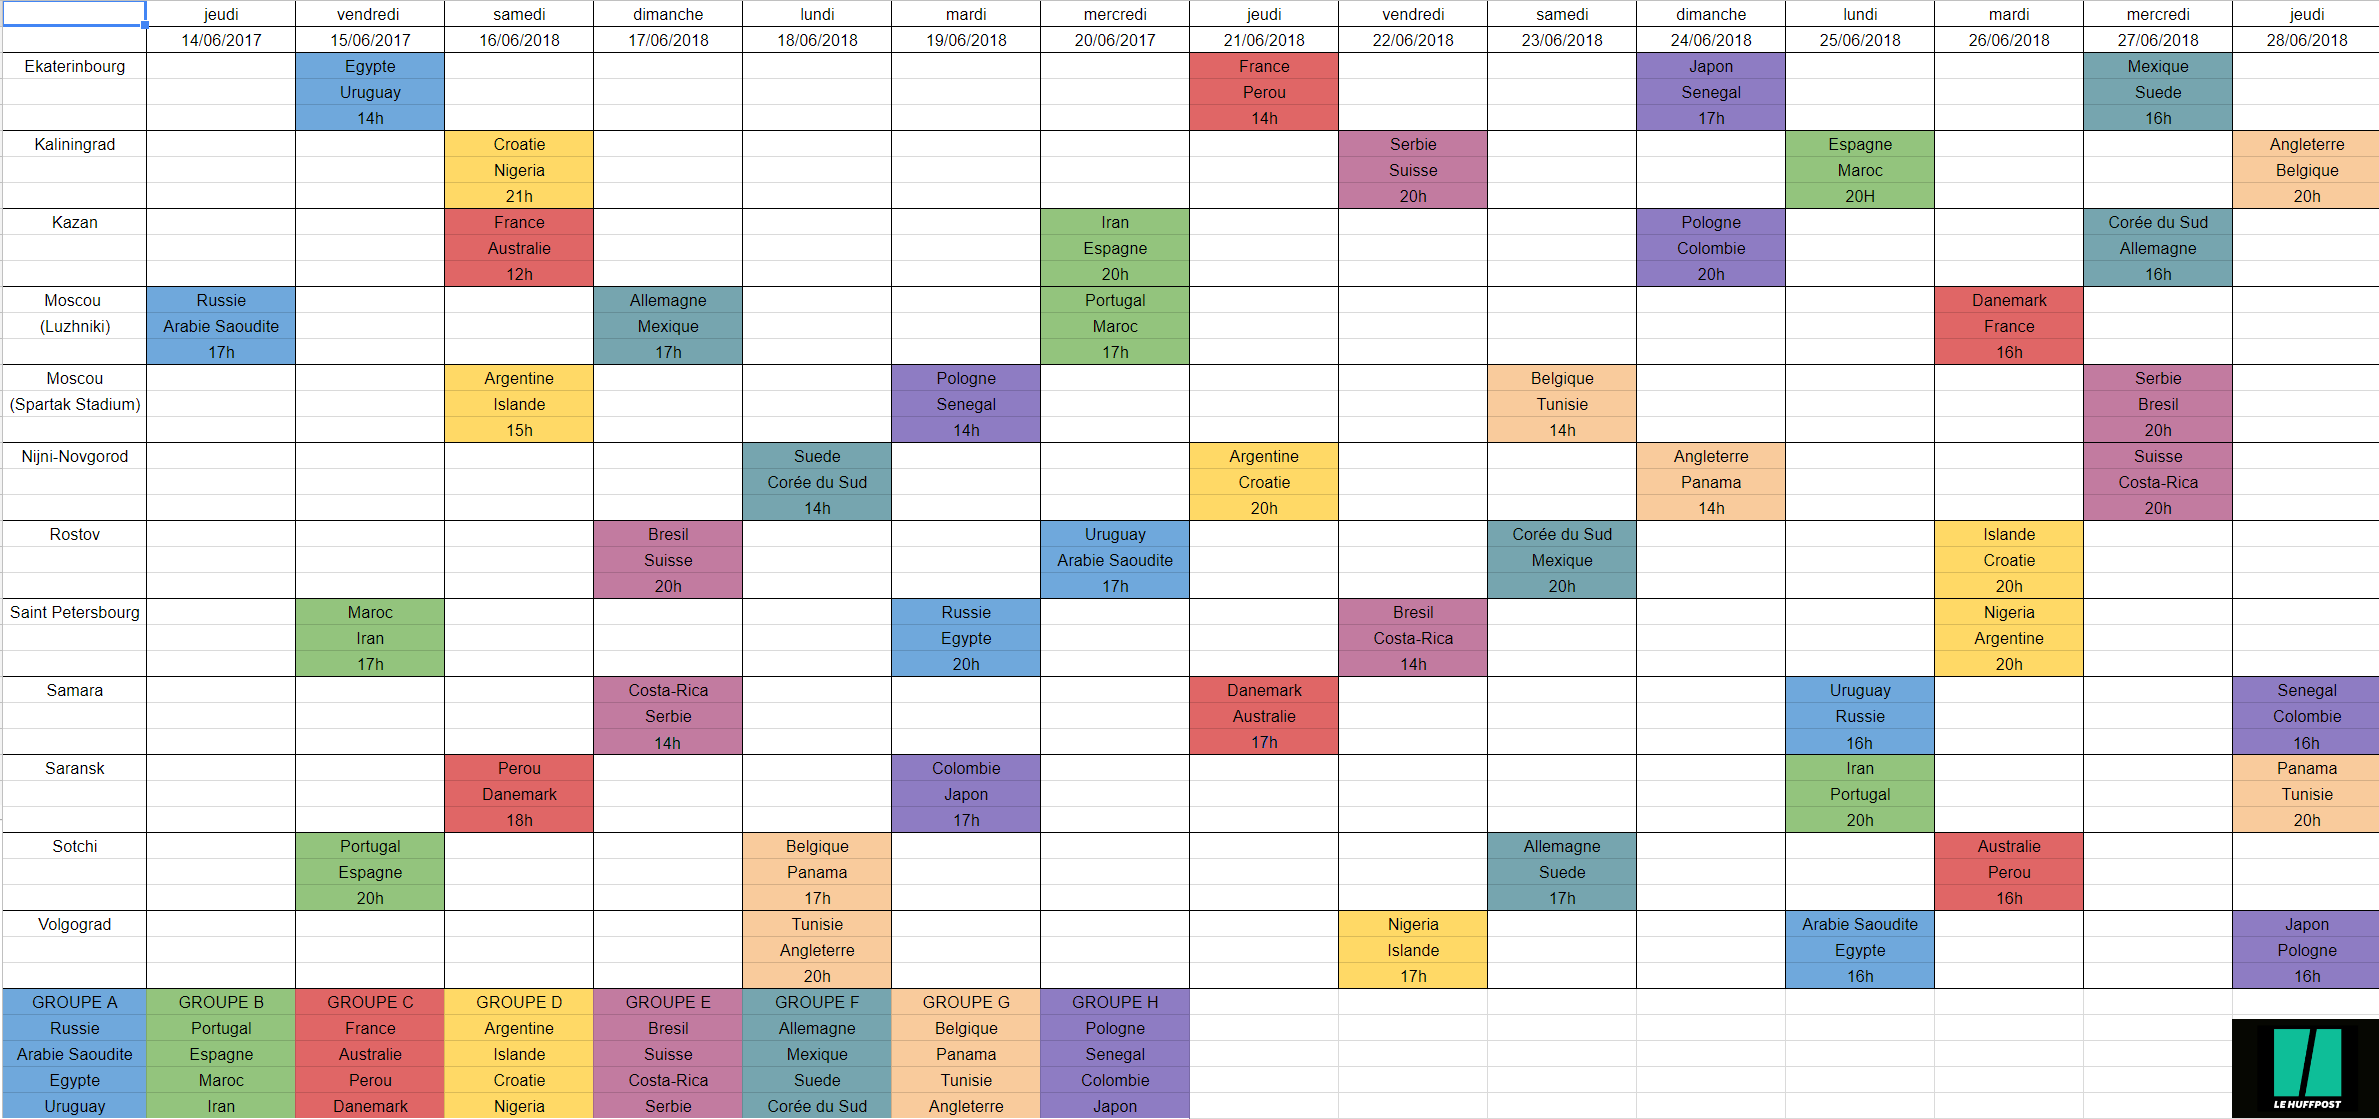 Calendrier coupe du monde 2018 les dates et horaires des matches par groupe - Date coupe du monde 2018 ...